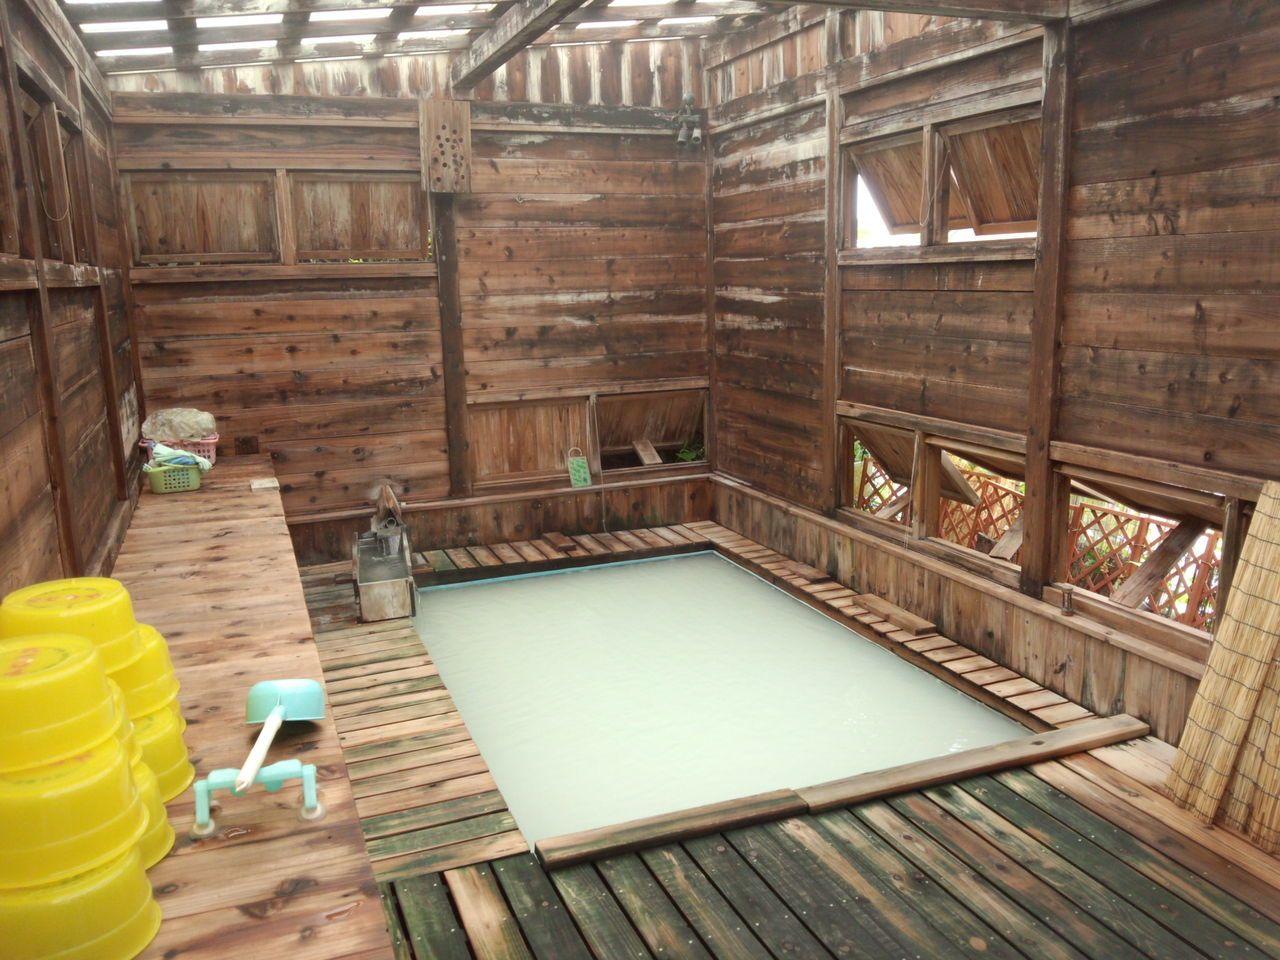 灰色に濁る硫黄泉。海辺地二号源泉に入れるのはさつき荘だけ。